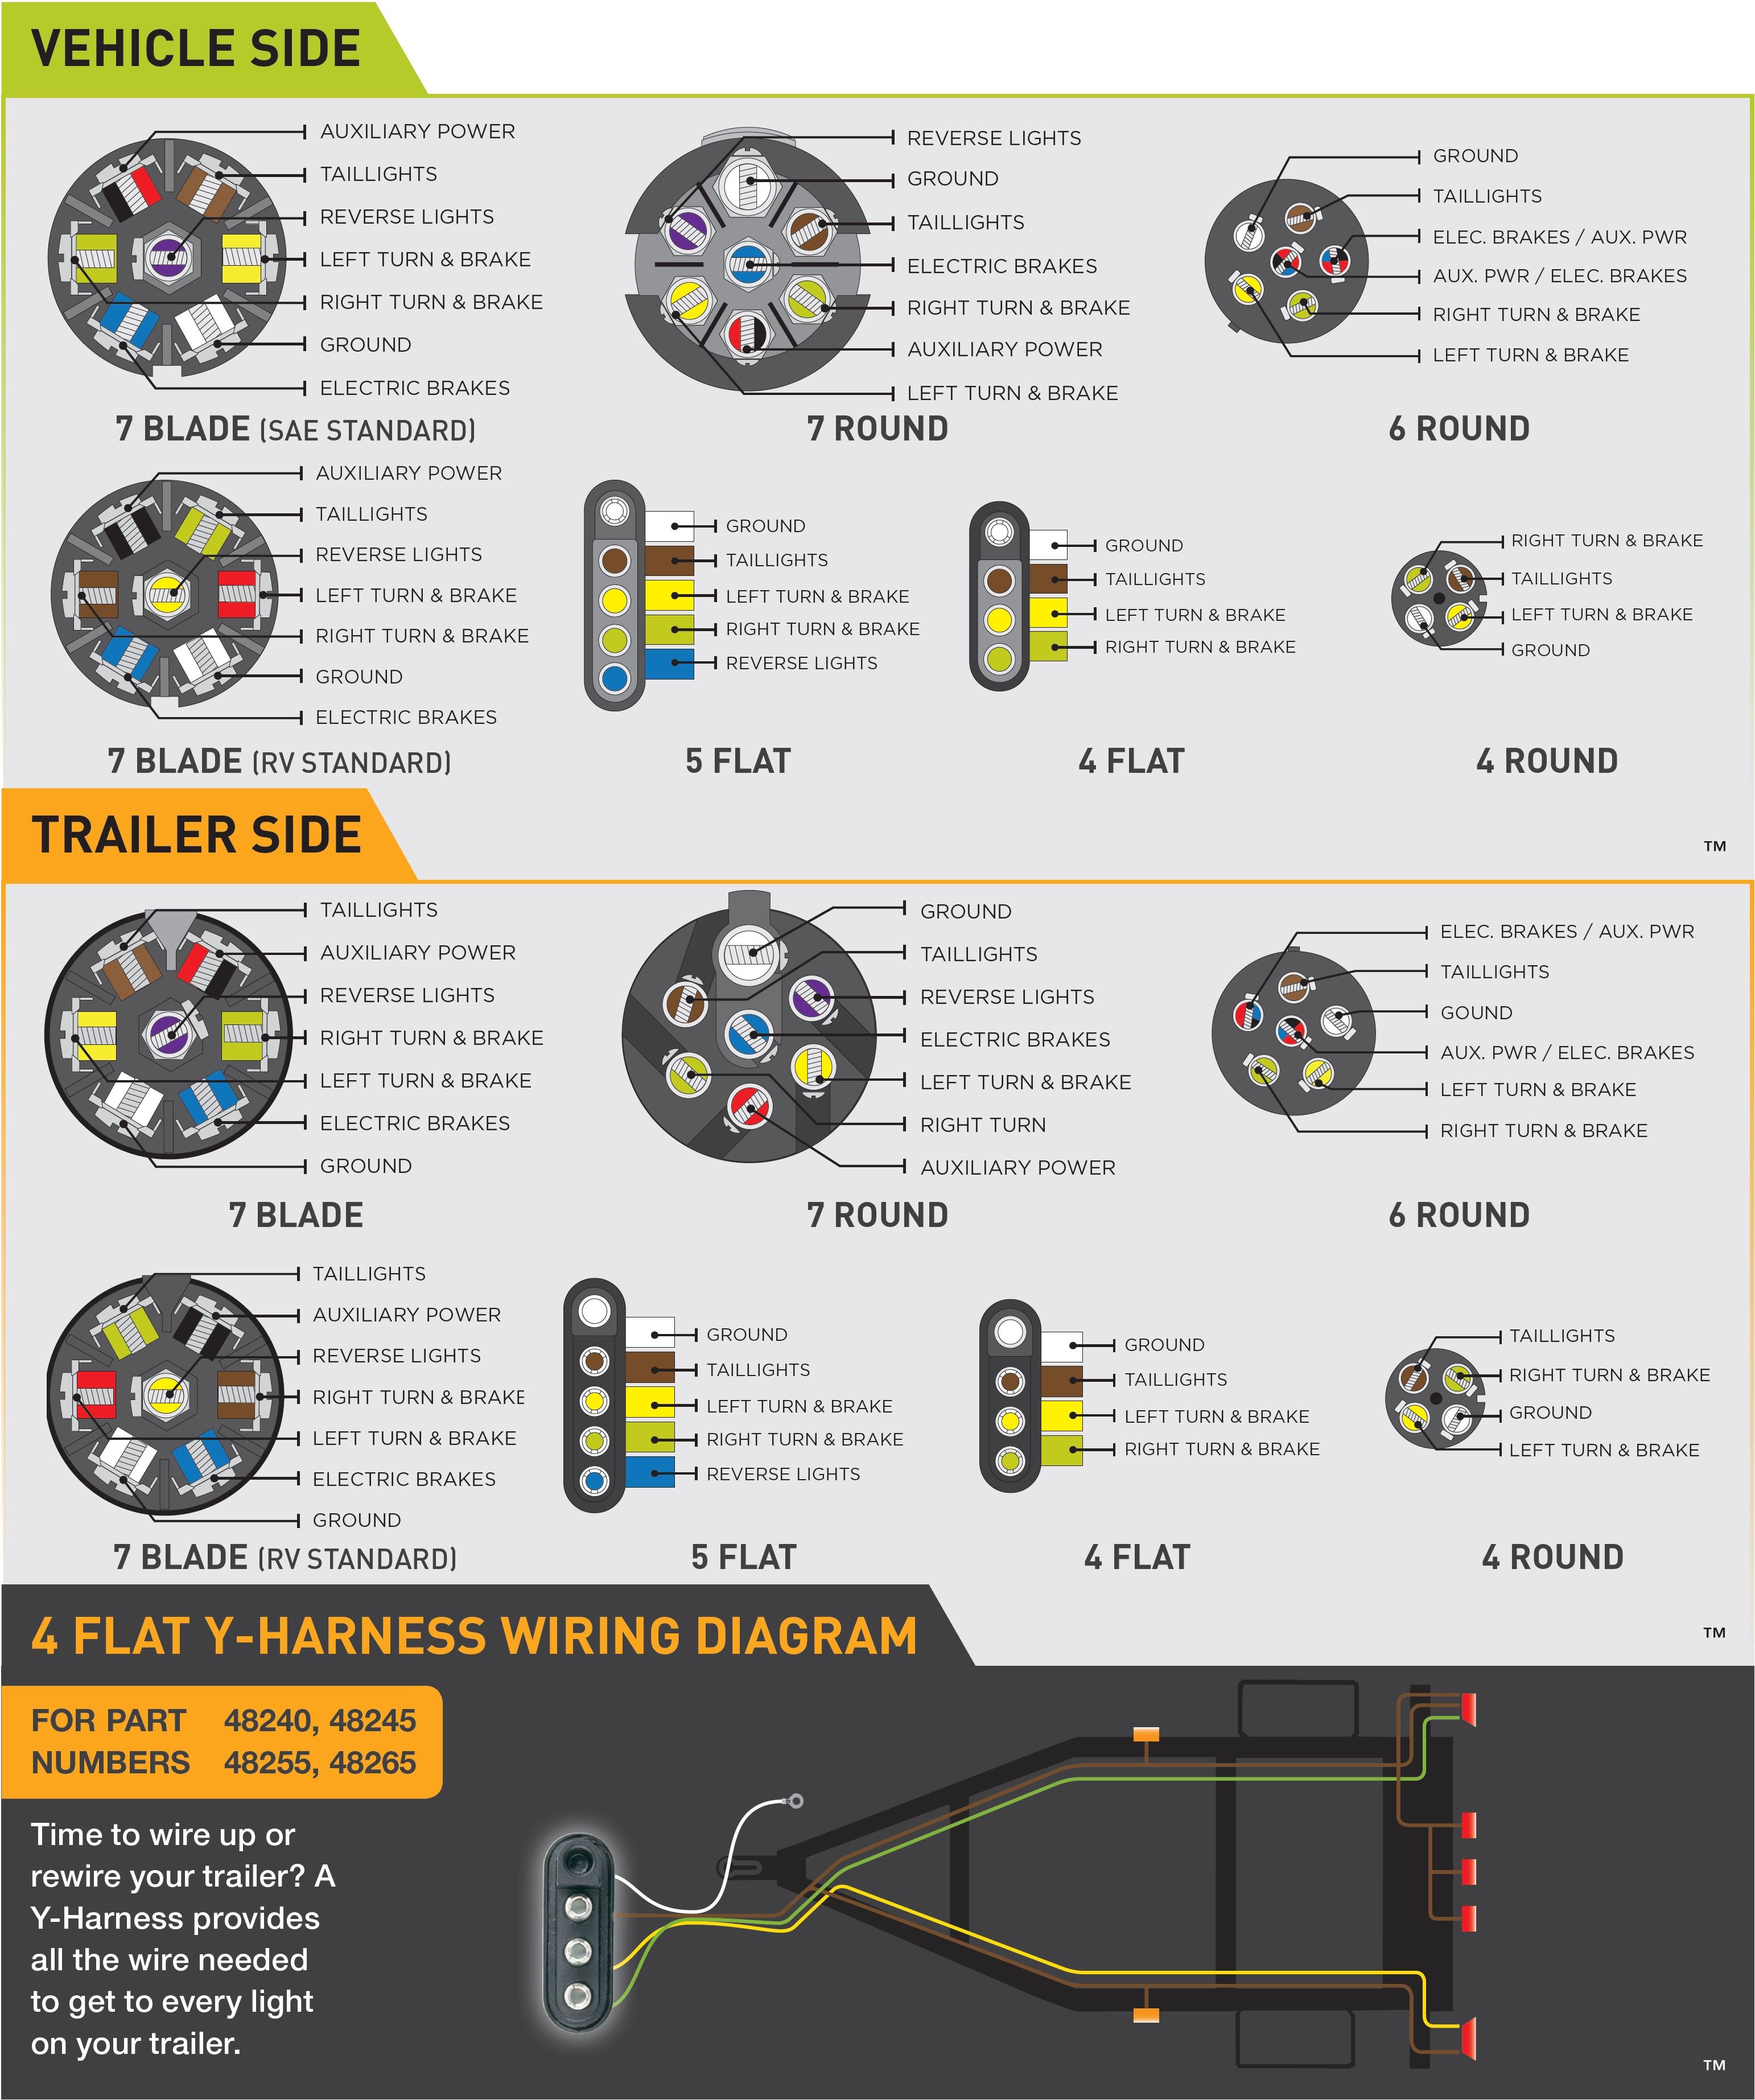 5 Wire Wiring Diagram | Wiring Diagram - 5 Wire To 4 Wire Trailer Wiring Diagram